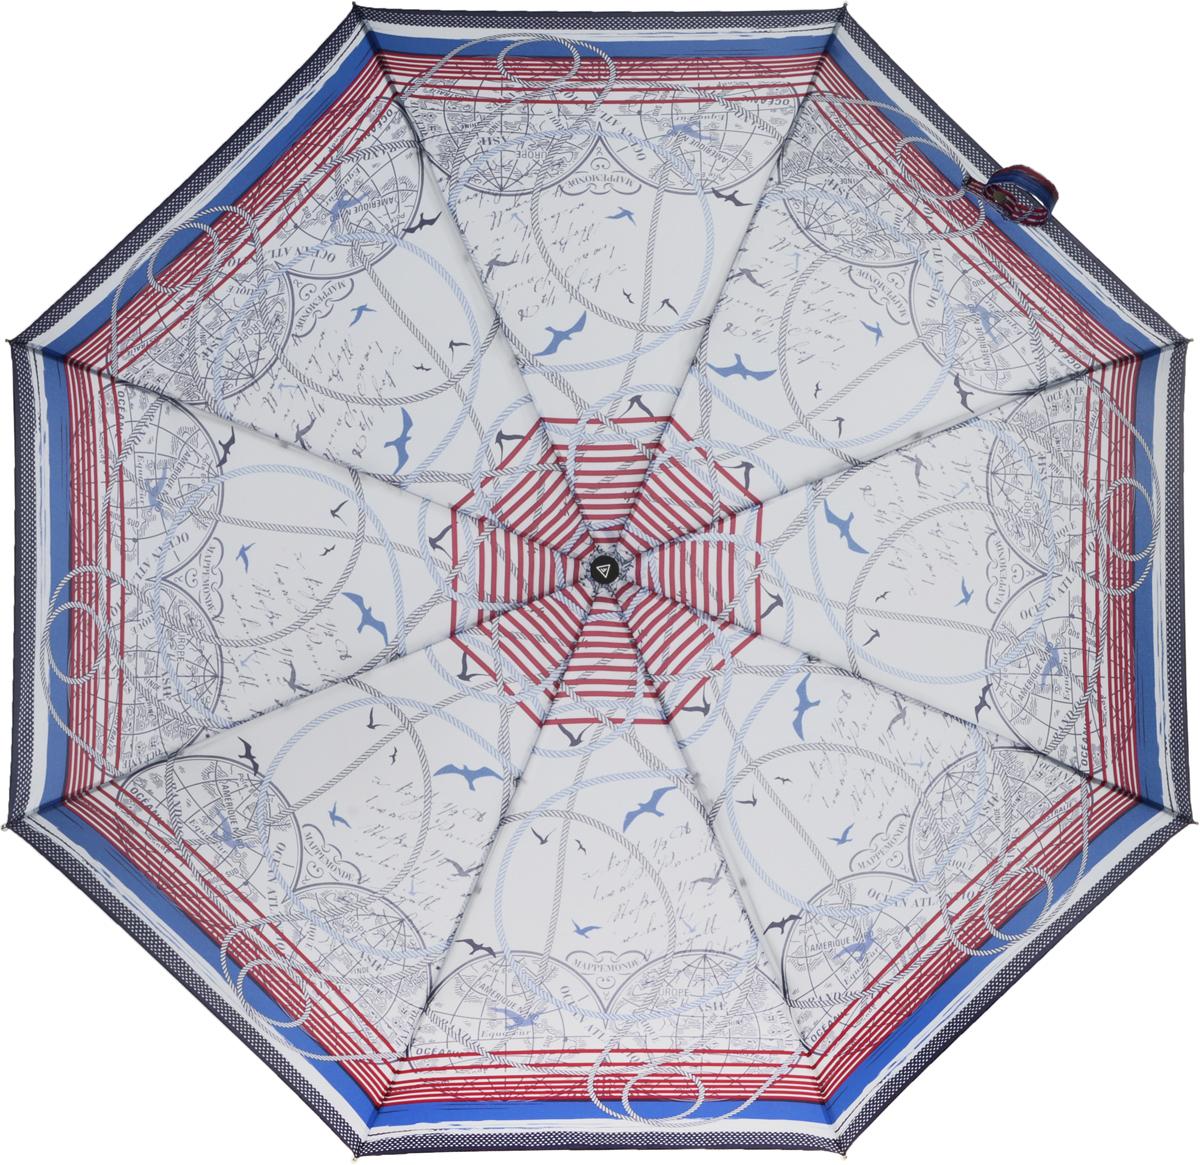 Зонт женский Fabretti, автомат, 3 сложения, цвет: синий. L-16101-1L-16101-1Зонт женский Fabretti, облегченный суперавтомат, 3 сложения.Летняя расцветка этого зонтика развеет печаль в любую погоду! Поднимите настроение себе и окружающим!